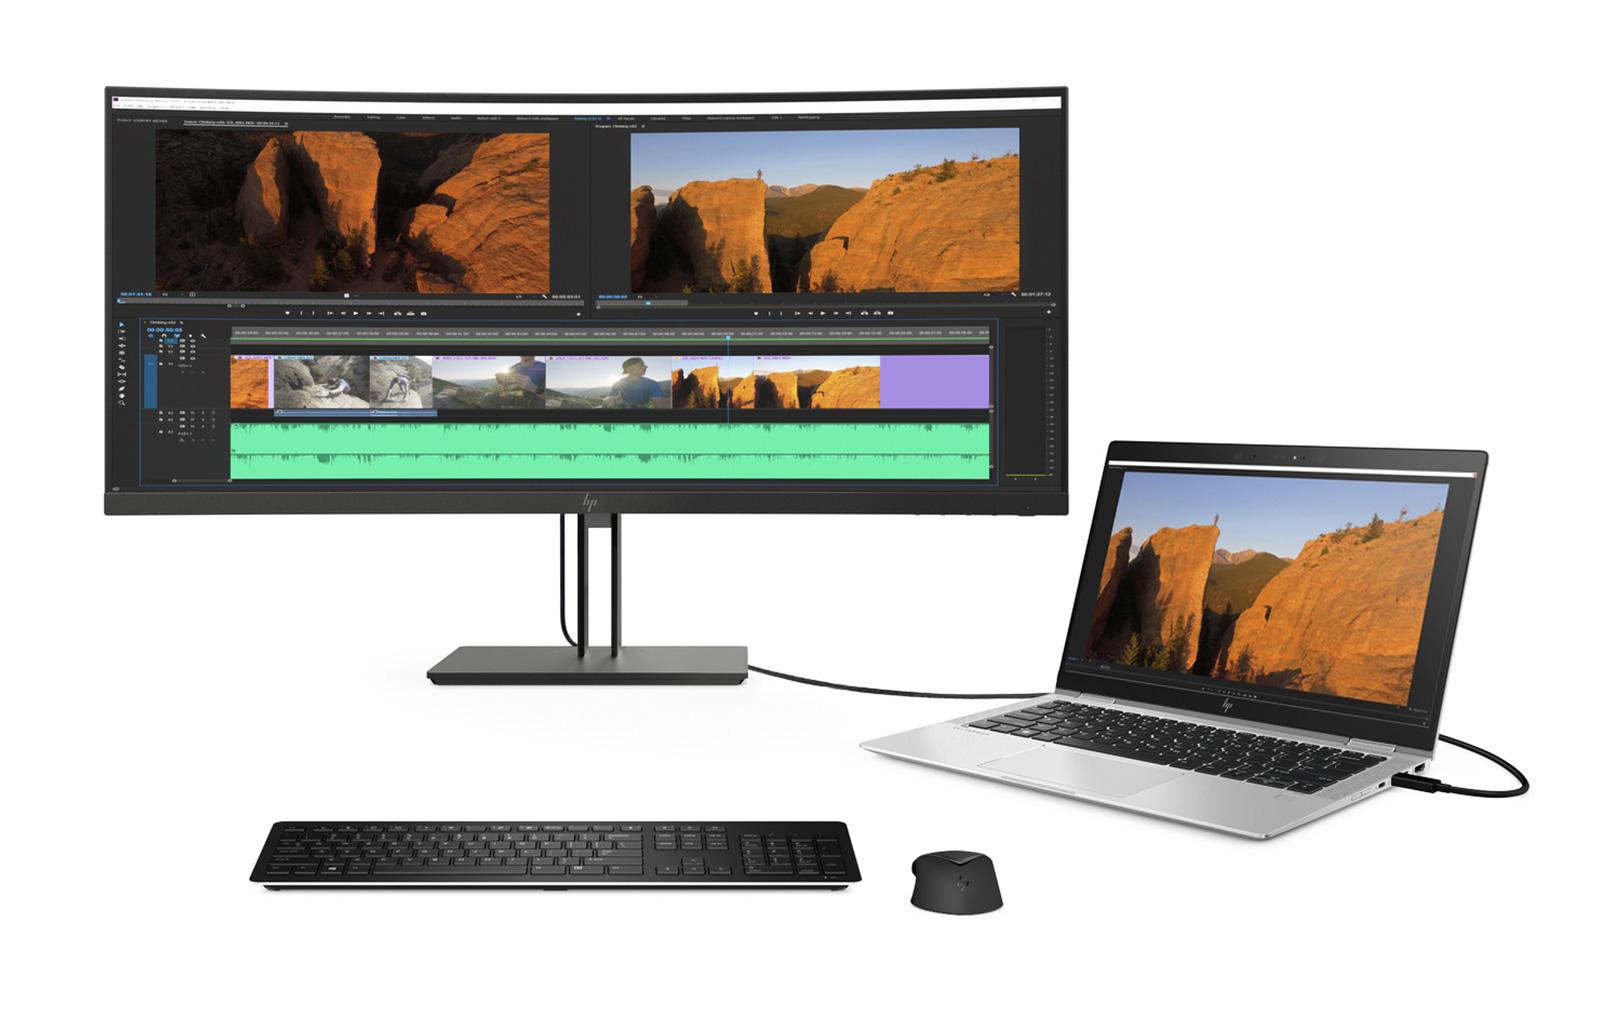 Arbeitsplatzlösung basierend auf der Standard-USB-C-Konnektivität